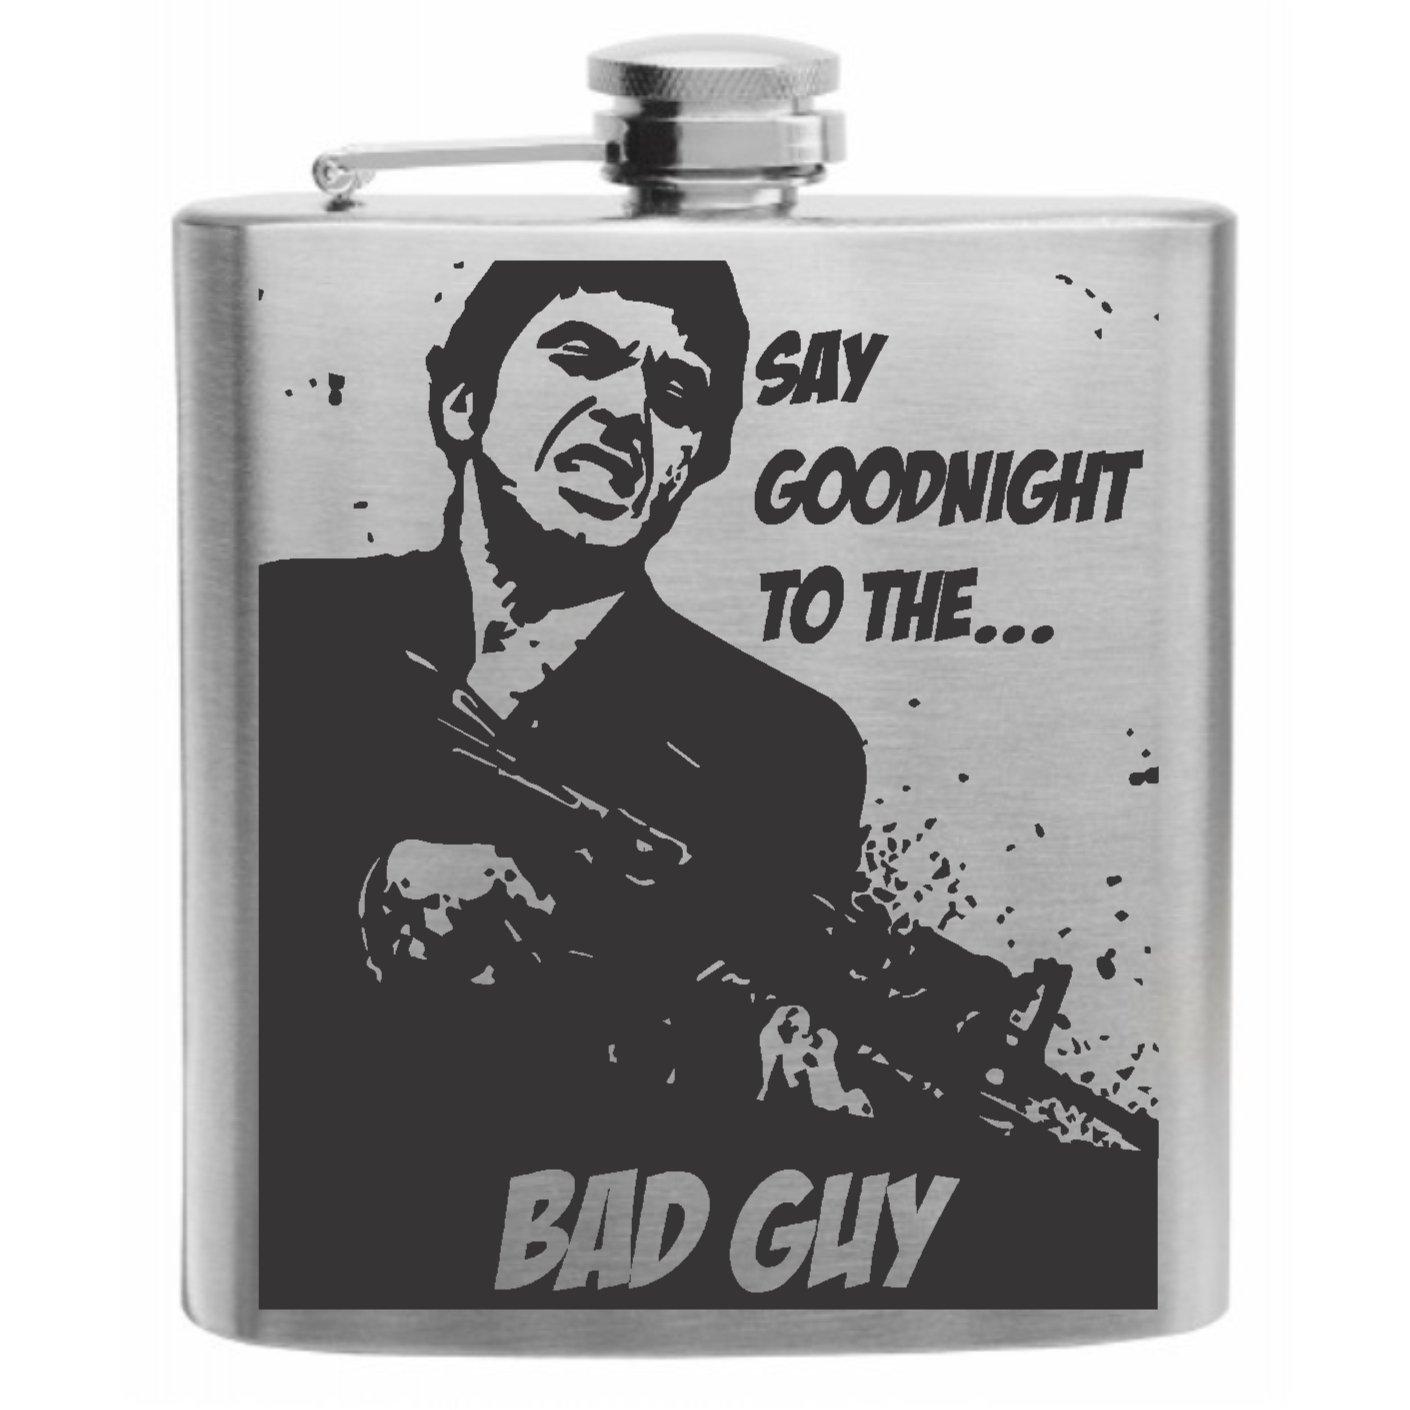 安い Say Goodnight Say to the Bad Guy Bad Guy Scarfaceステンレススチールヒップフラスコ6ozギフト B073X6KFQW, イコー質店:c1b3b553 --- a0267596.xsph.ru